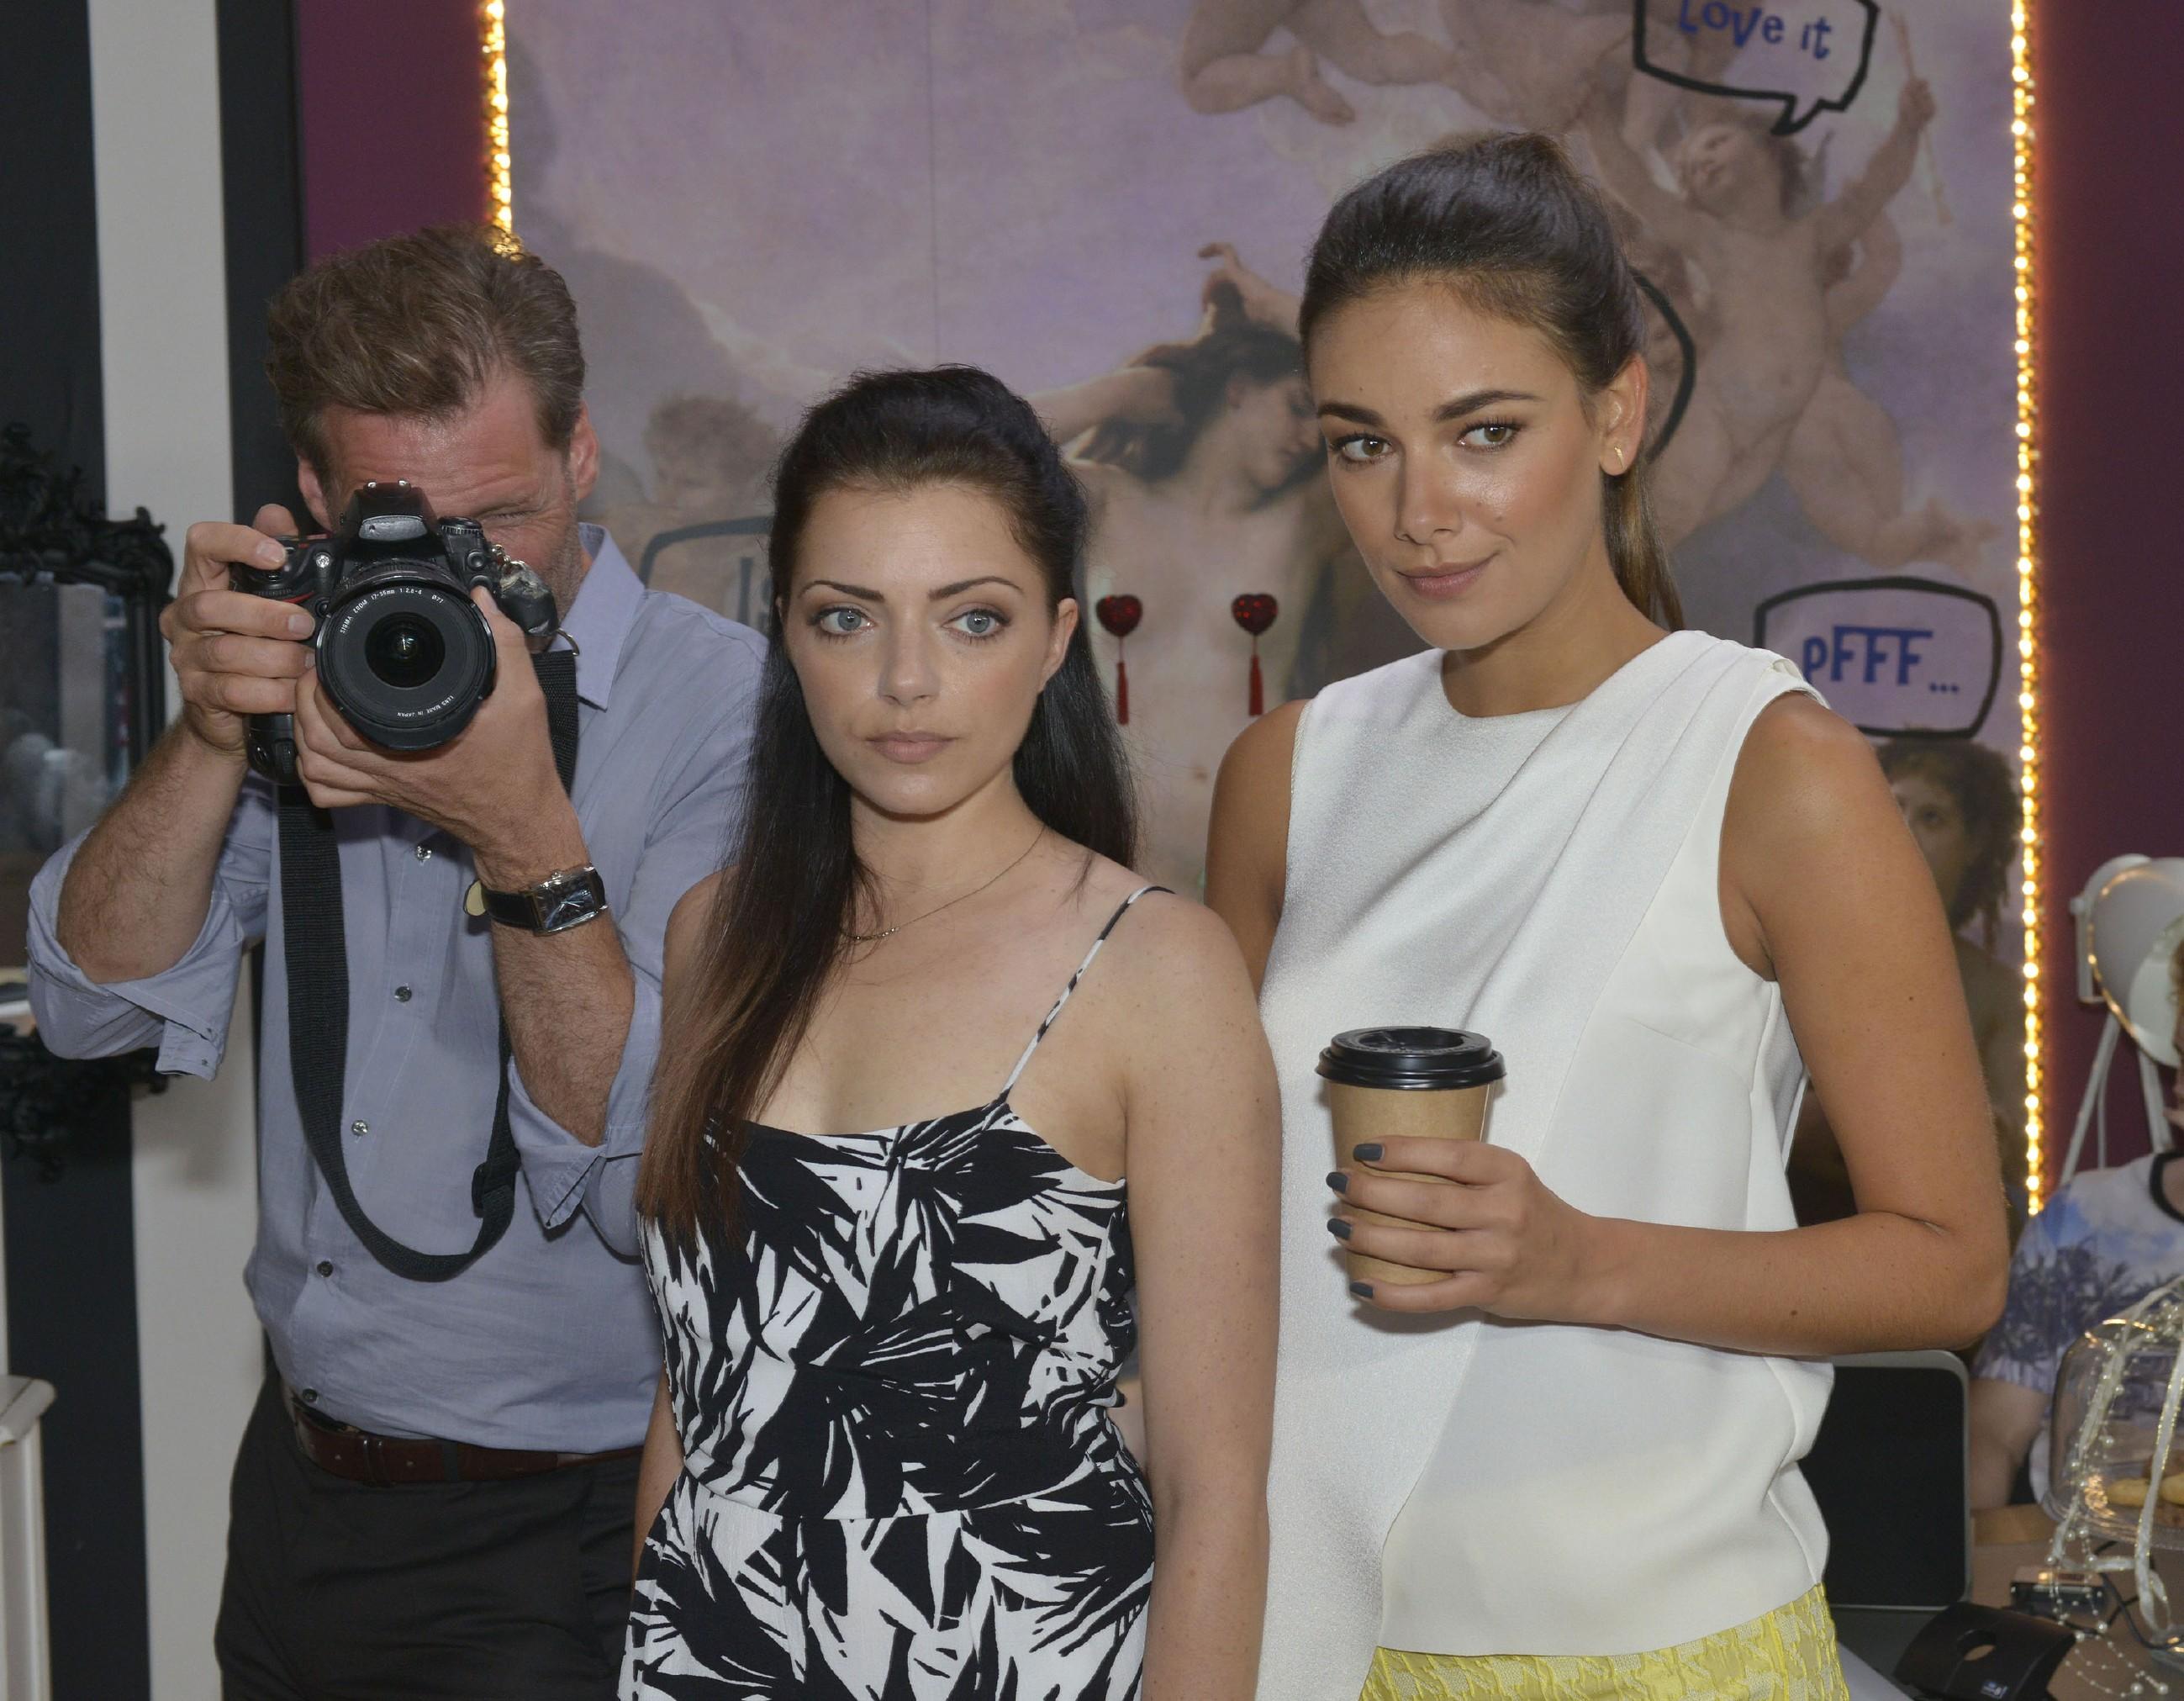 Mit Alexanders (Clemens Löhr) Unterstützung versuchen Emily (Anne Menden, M.) und Jasmin (Janina Uhse) ihr Modelabel ins richtige Licht zu setzen.